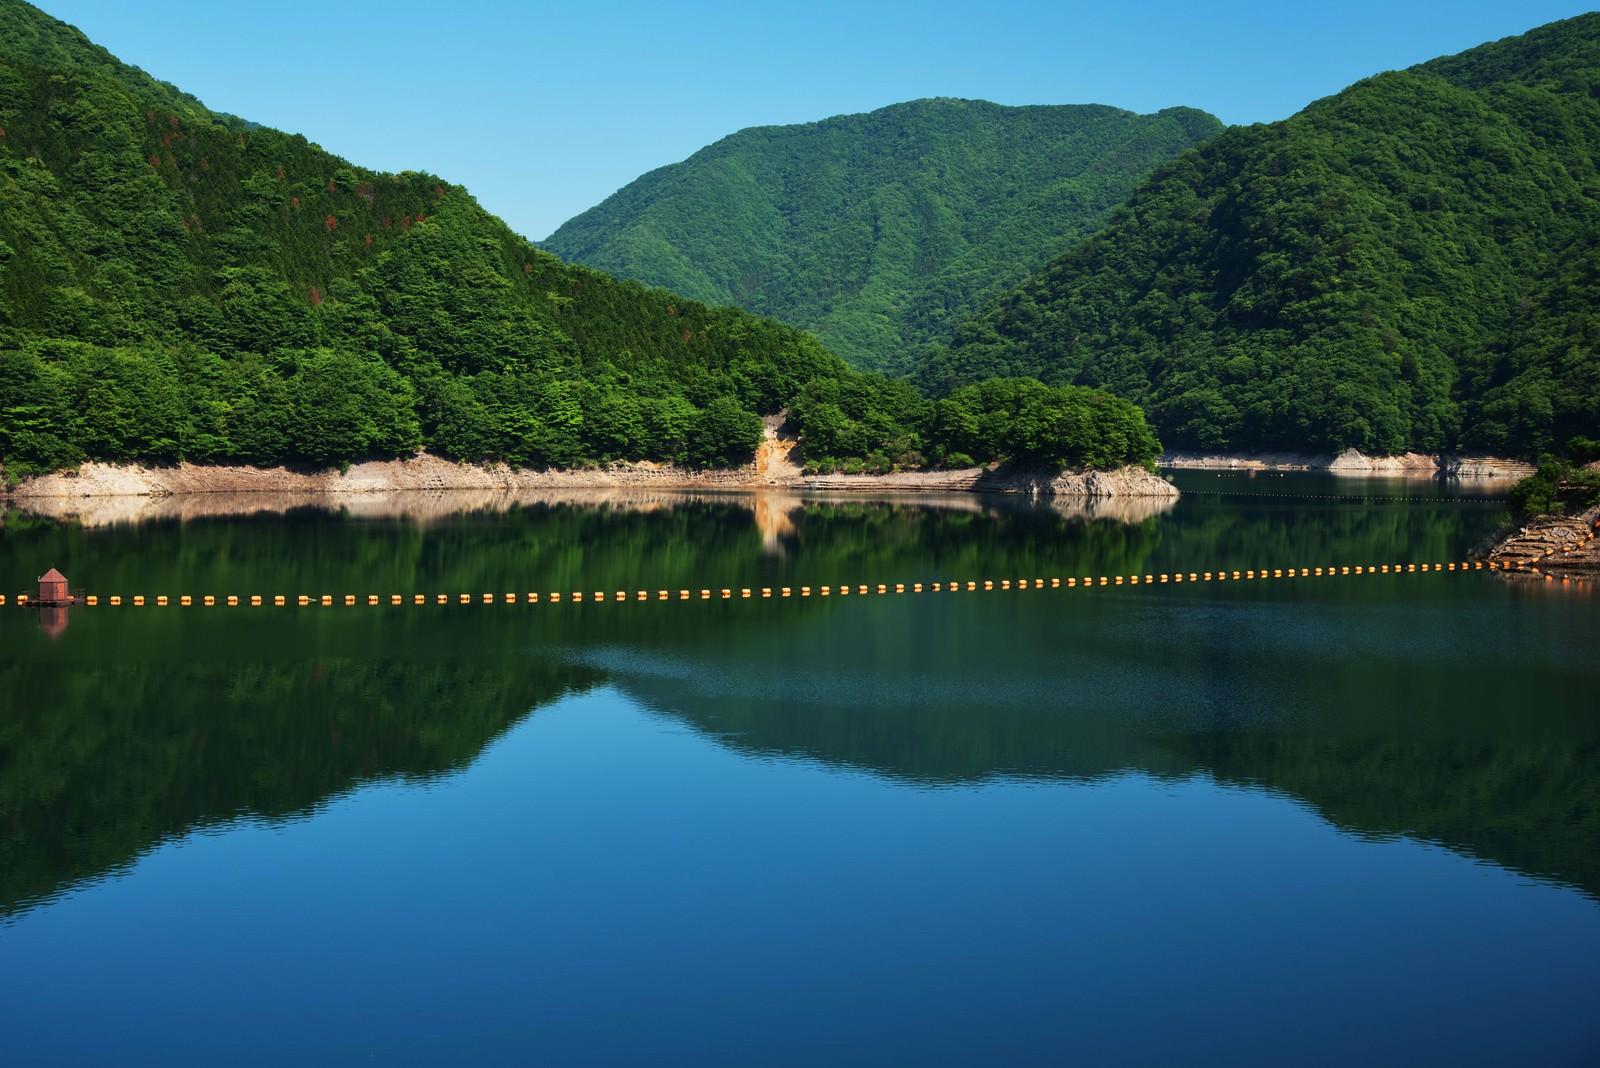 「川治ダムの湖面」の写真